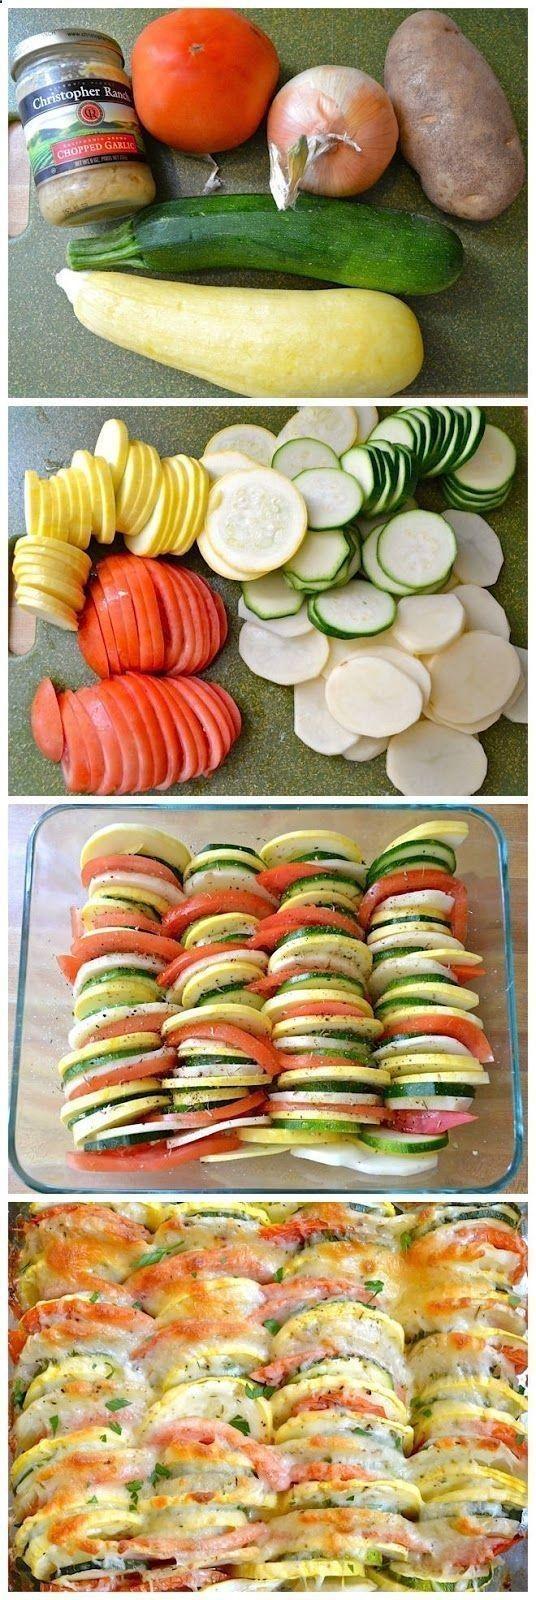 patatas, cebollas, calabazas, calabacines, tomates en rodajas ..., rematado con el condimento y queso parmesano - un gran plato de acompañamiento .: